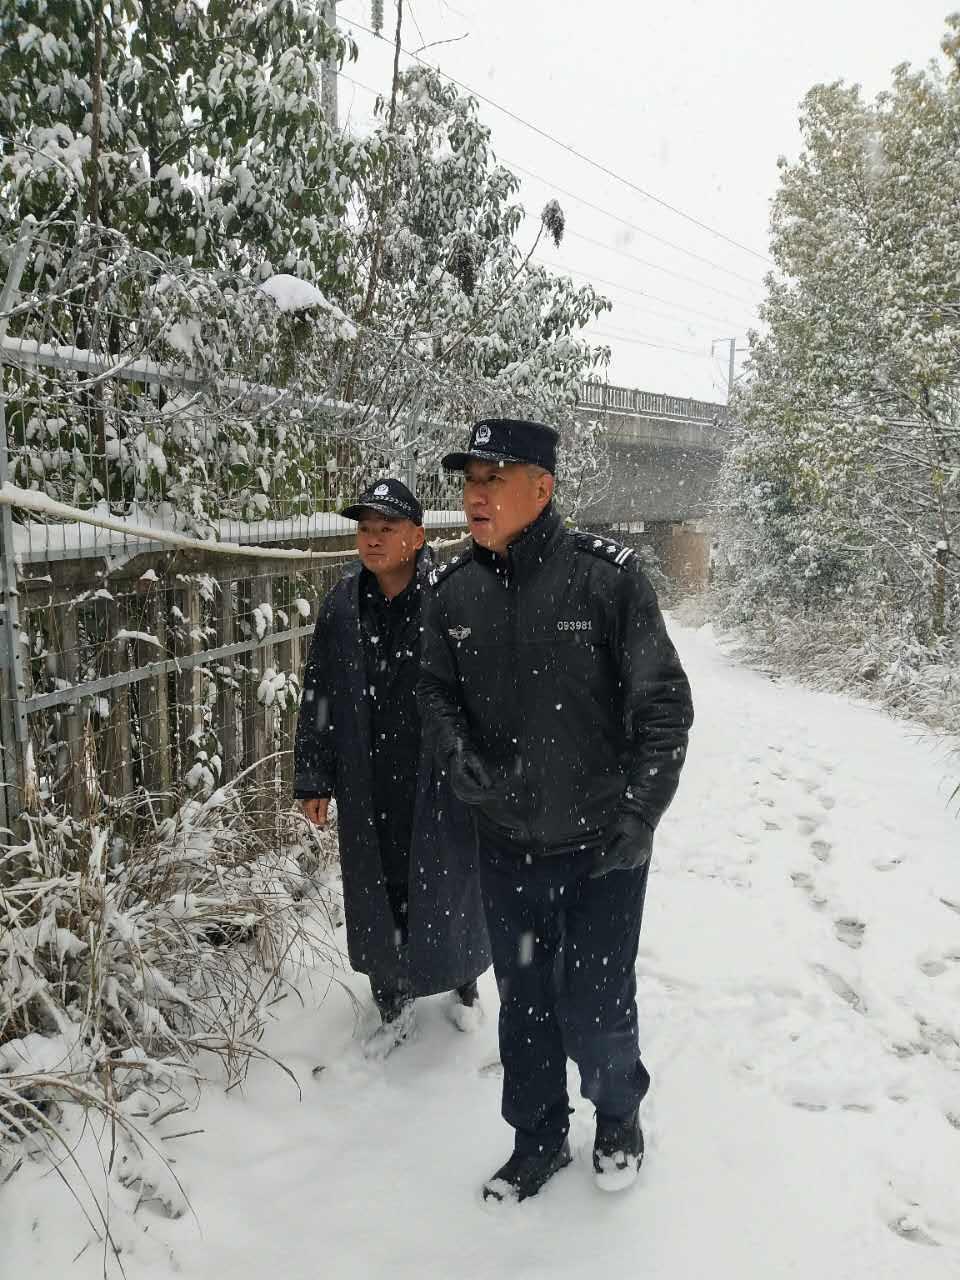 迎战冰雪丨长沙高铁南站铁警上路保站车线平安